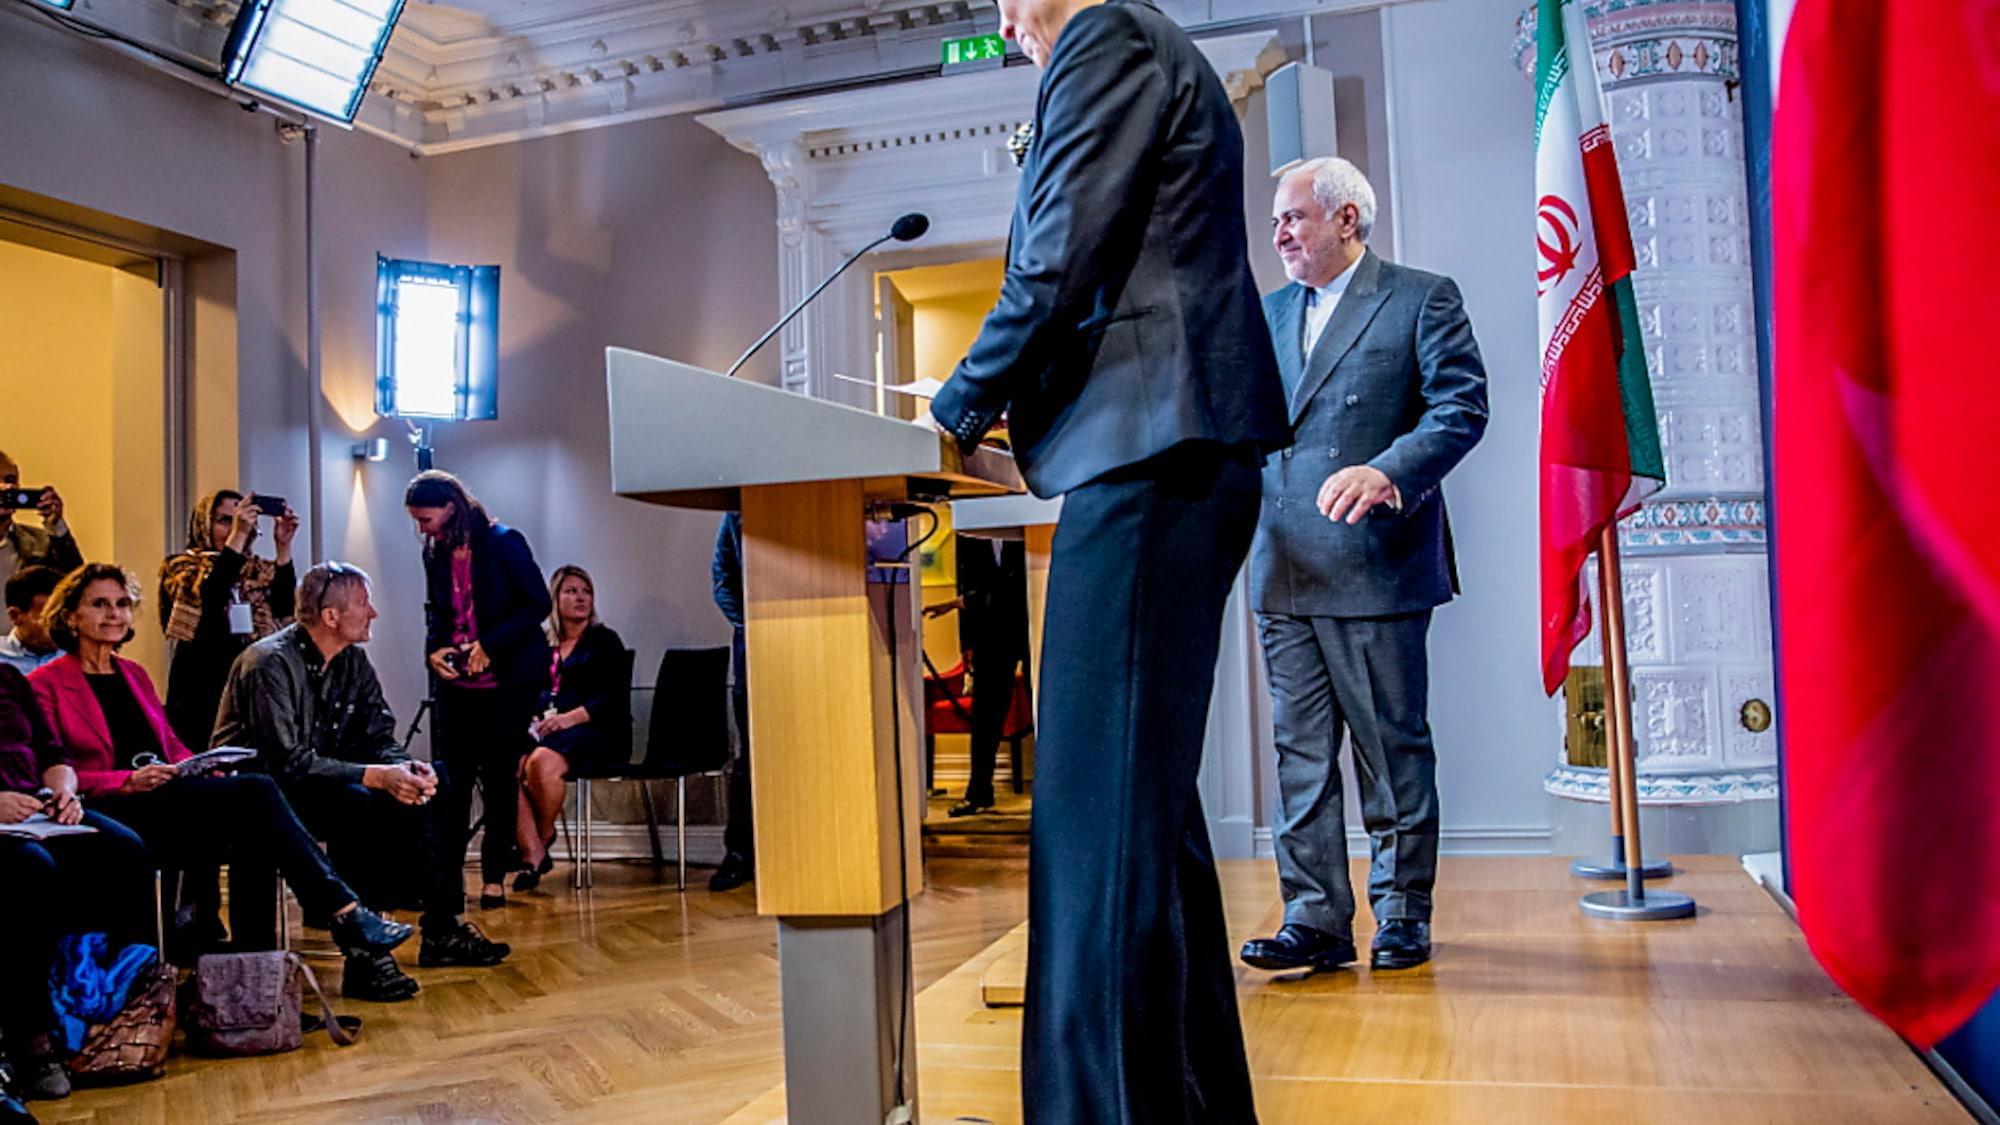 Schweden - Iran: Journalist aus Iran beantragt Asyl während Sarif-Reise in Schweden